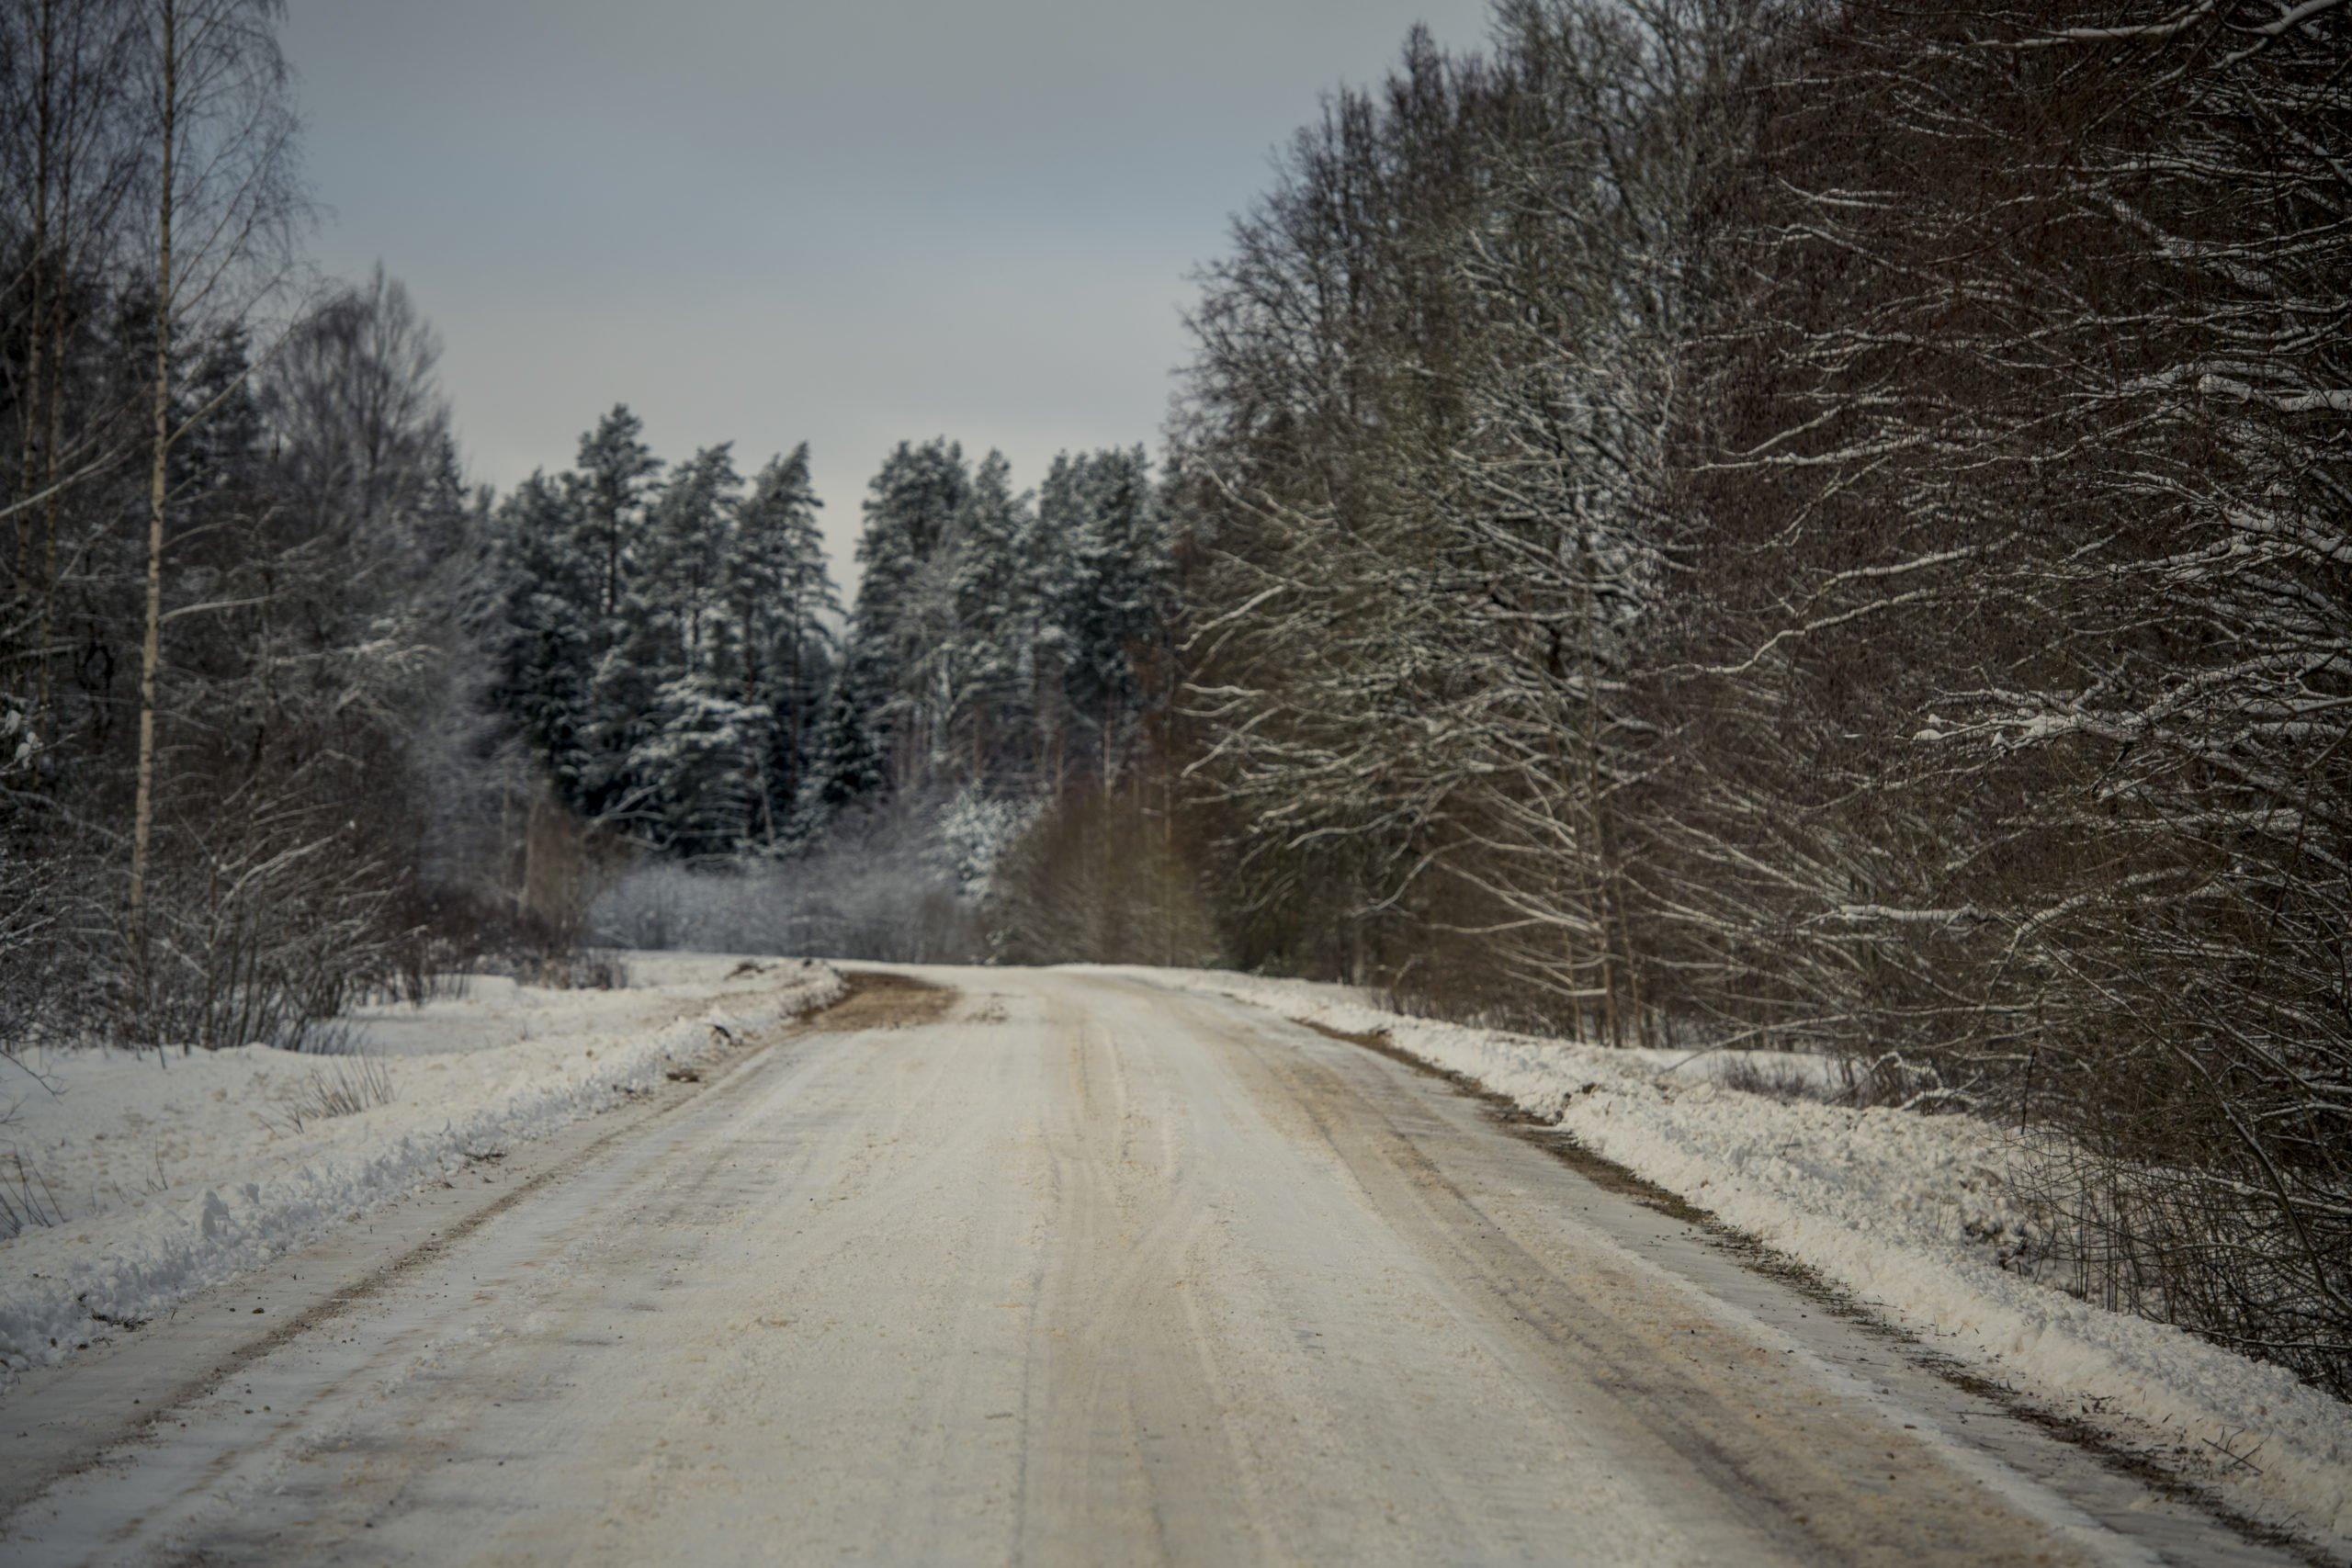 Informācija par ierobežojumiem uz grants ceļiem